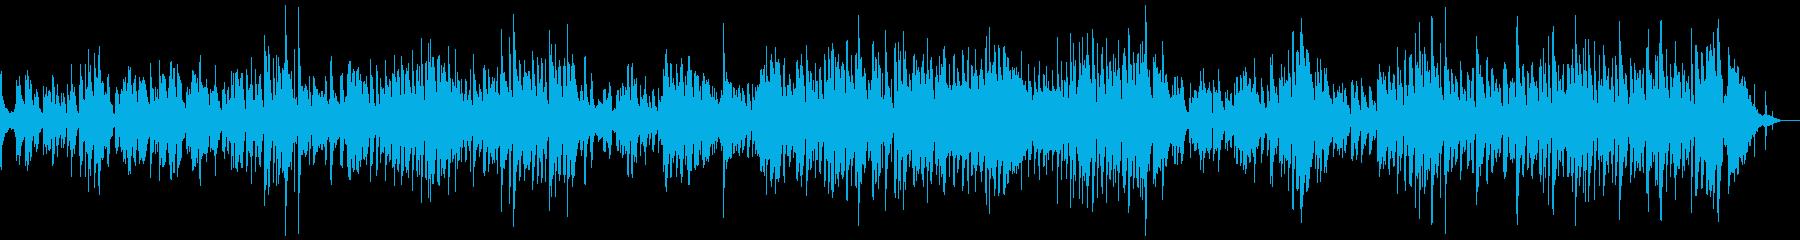 すべてのクリスマス音楽で知られてい...の再生済みの波形